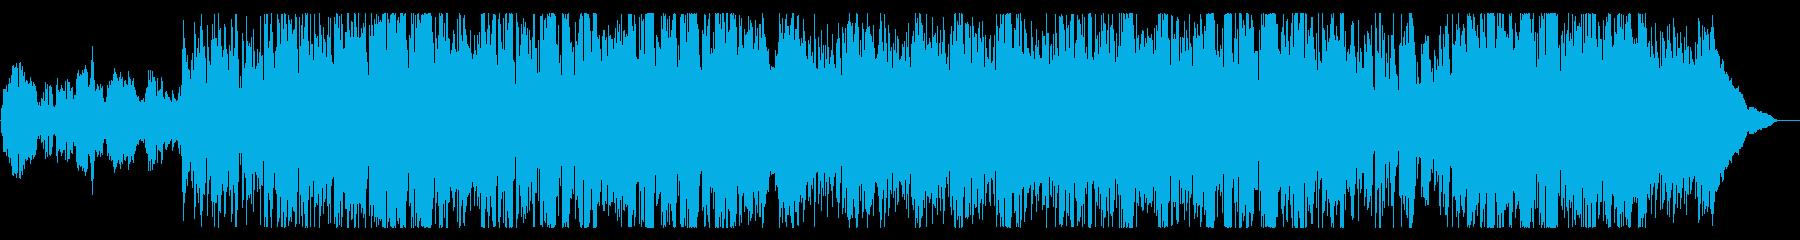 さわやかなサウンドのおはようポップソングの再生済みの波形